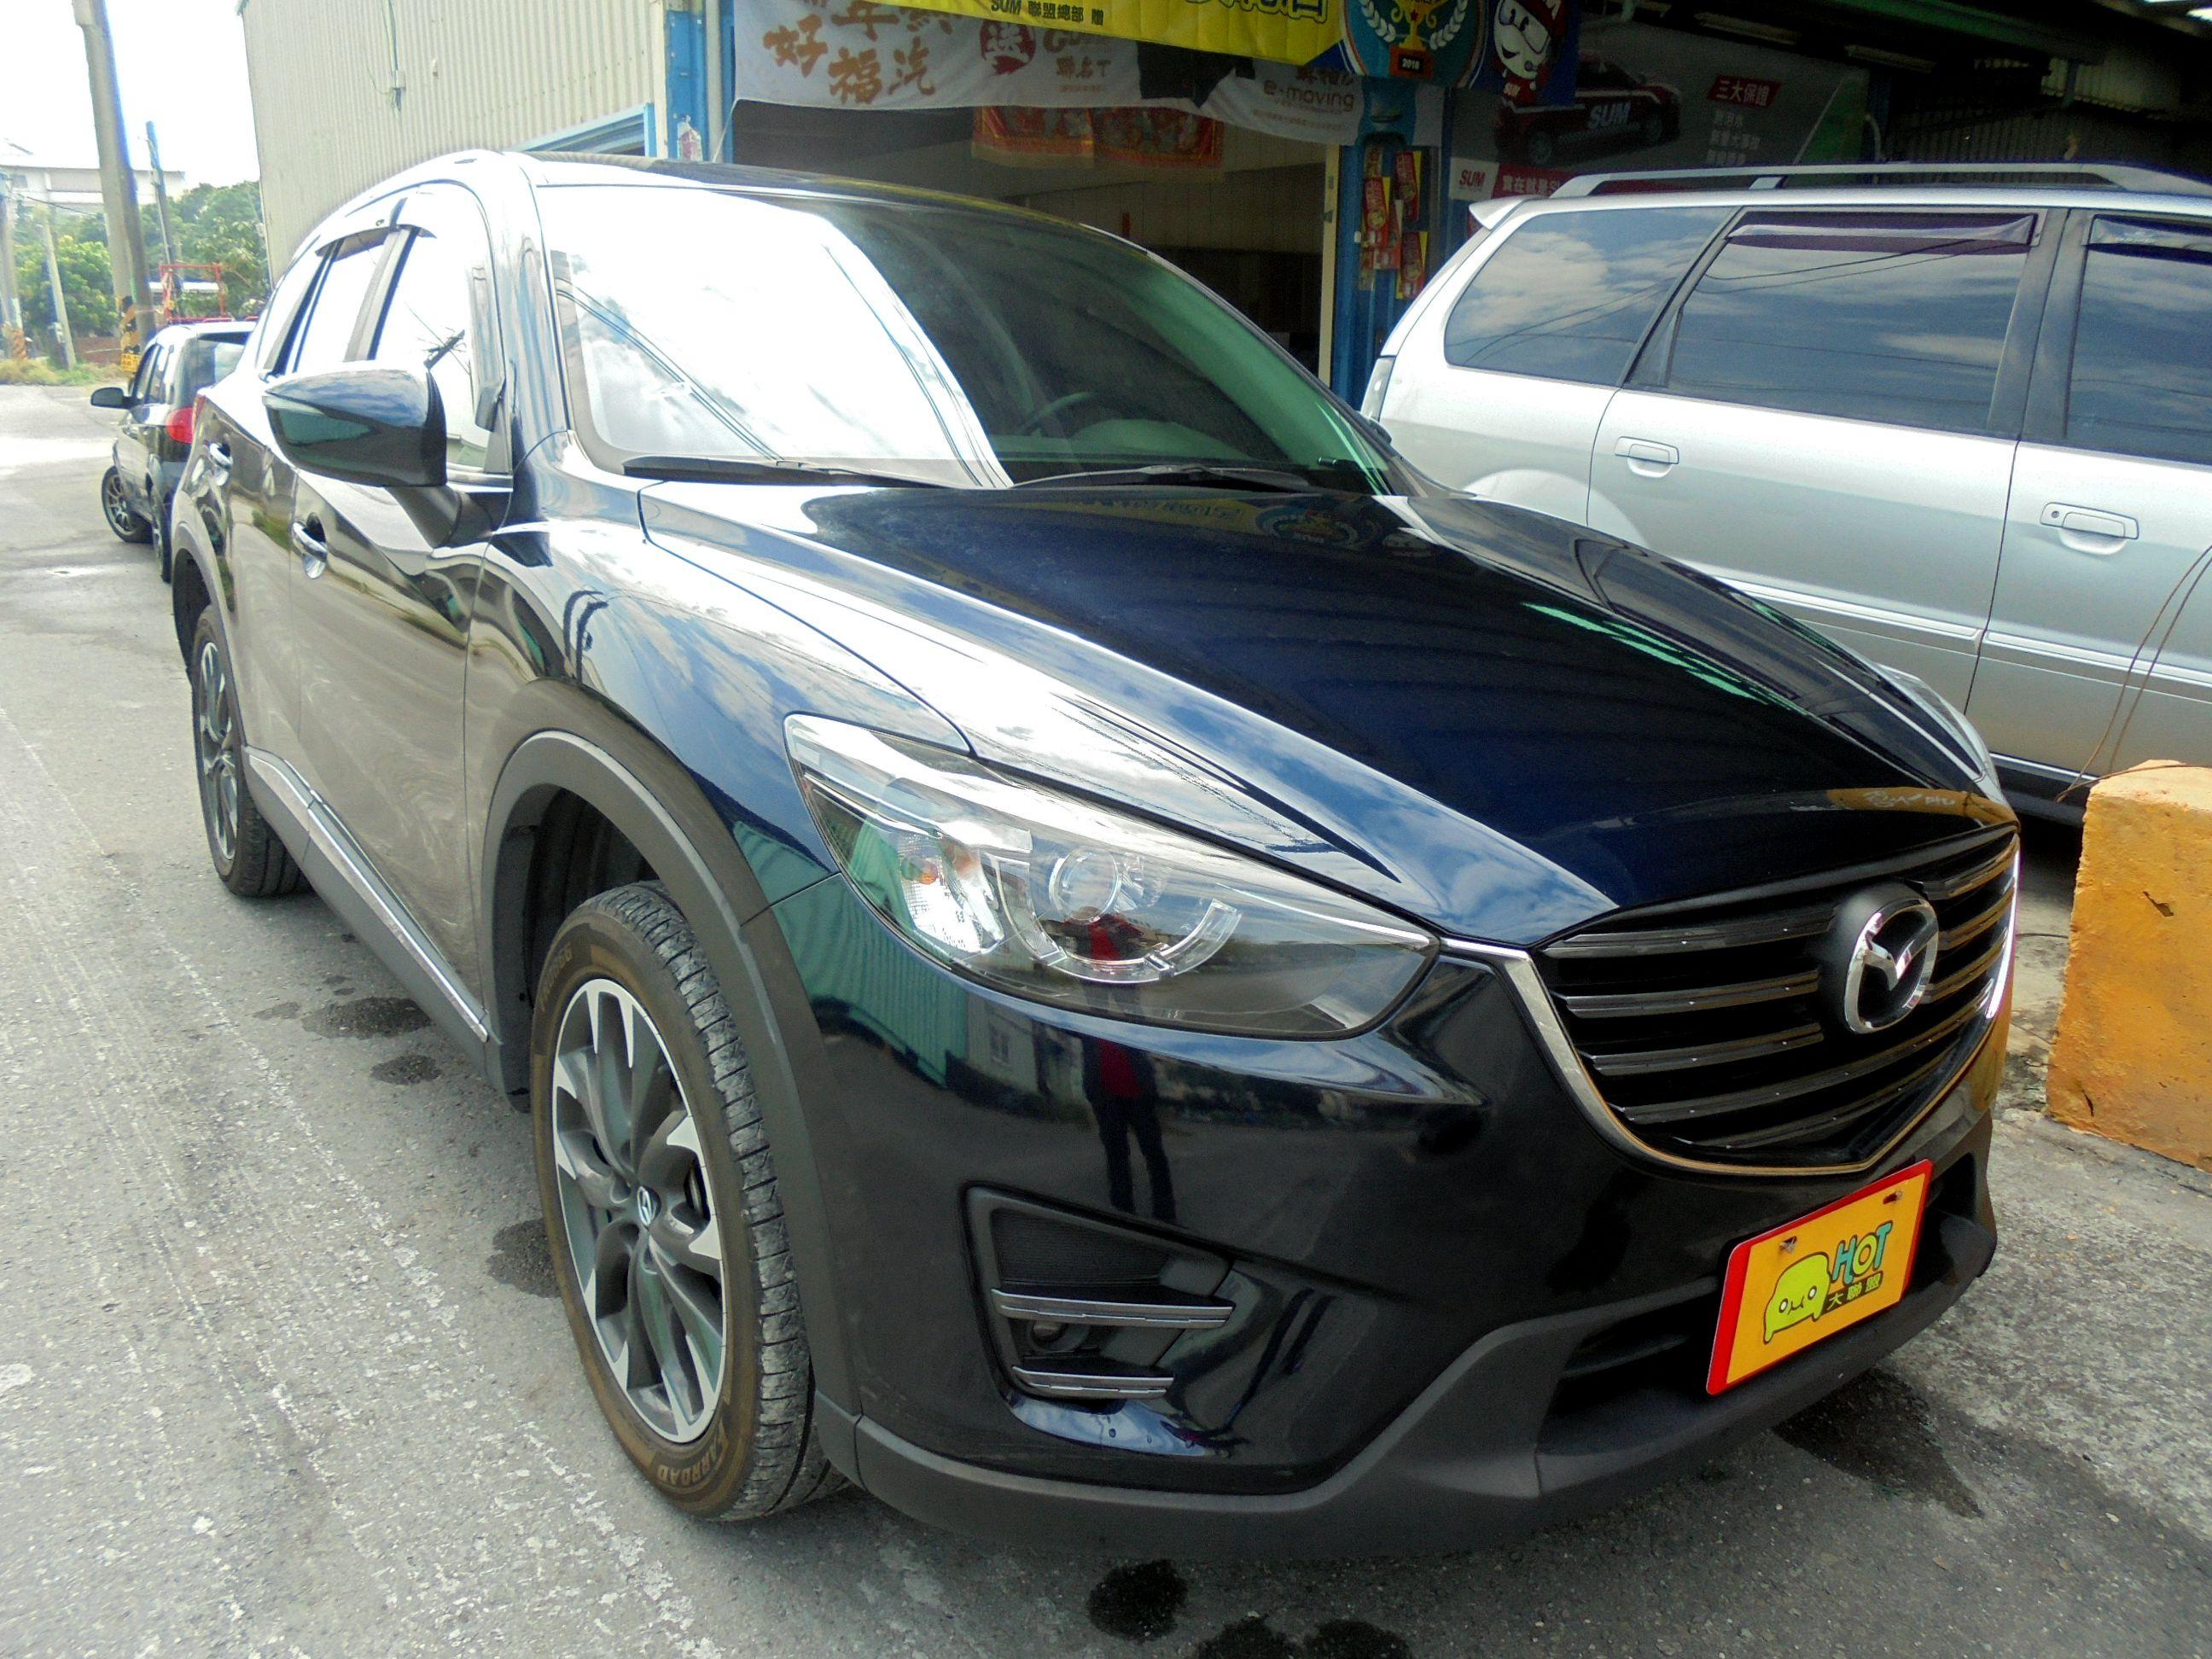 2015 Mazda 馬自達 Cx-5